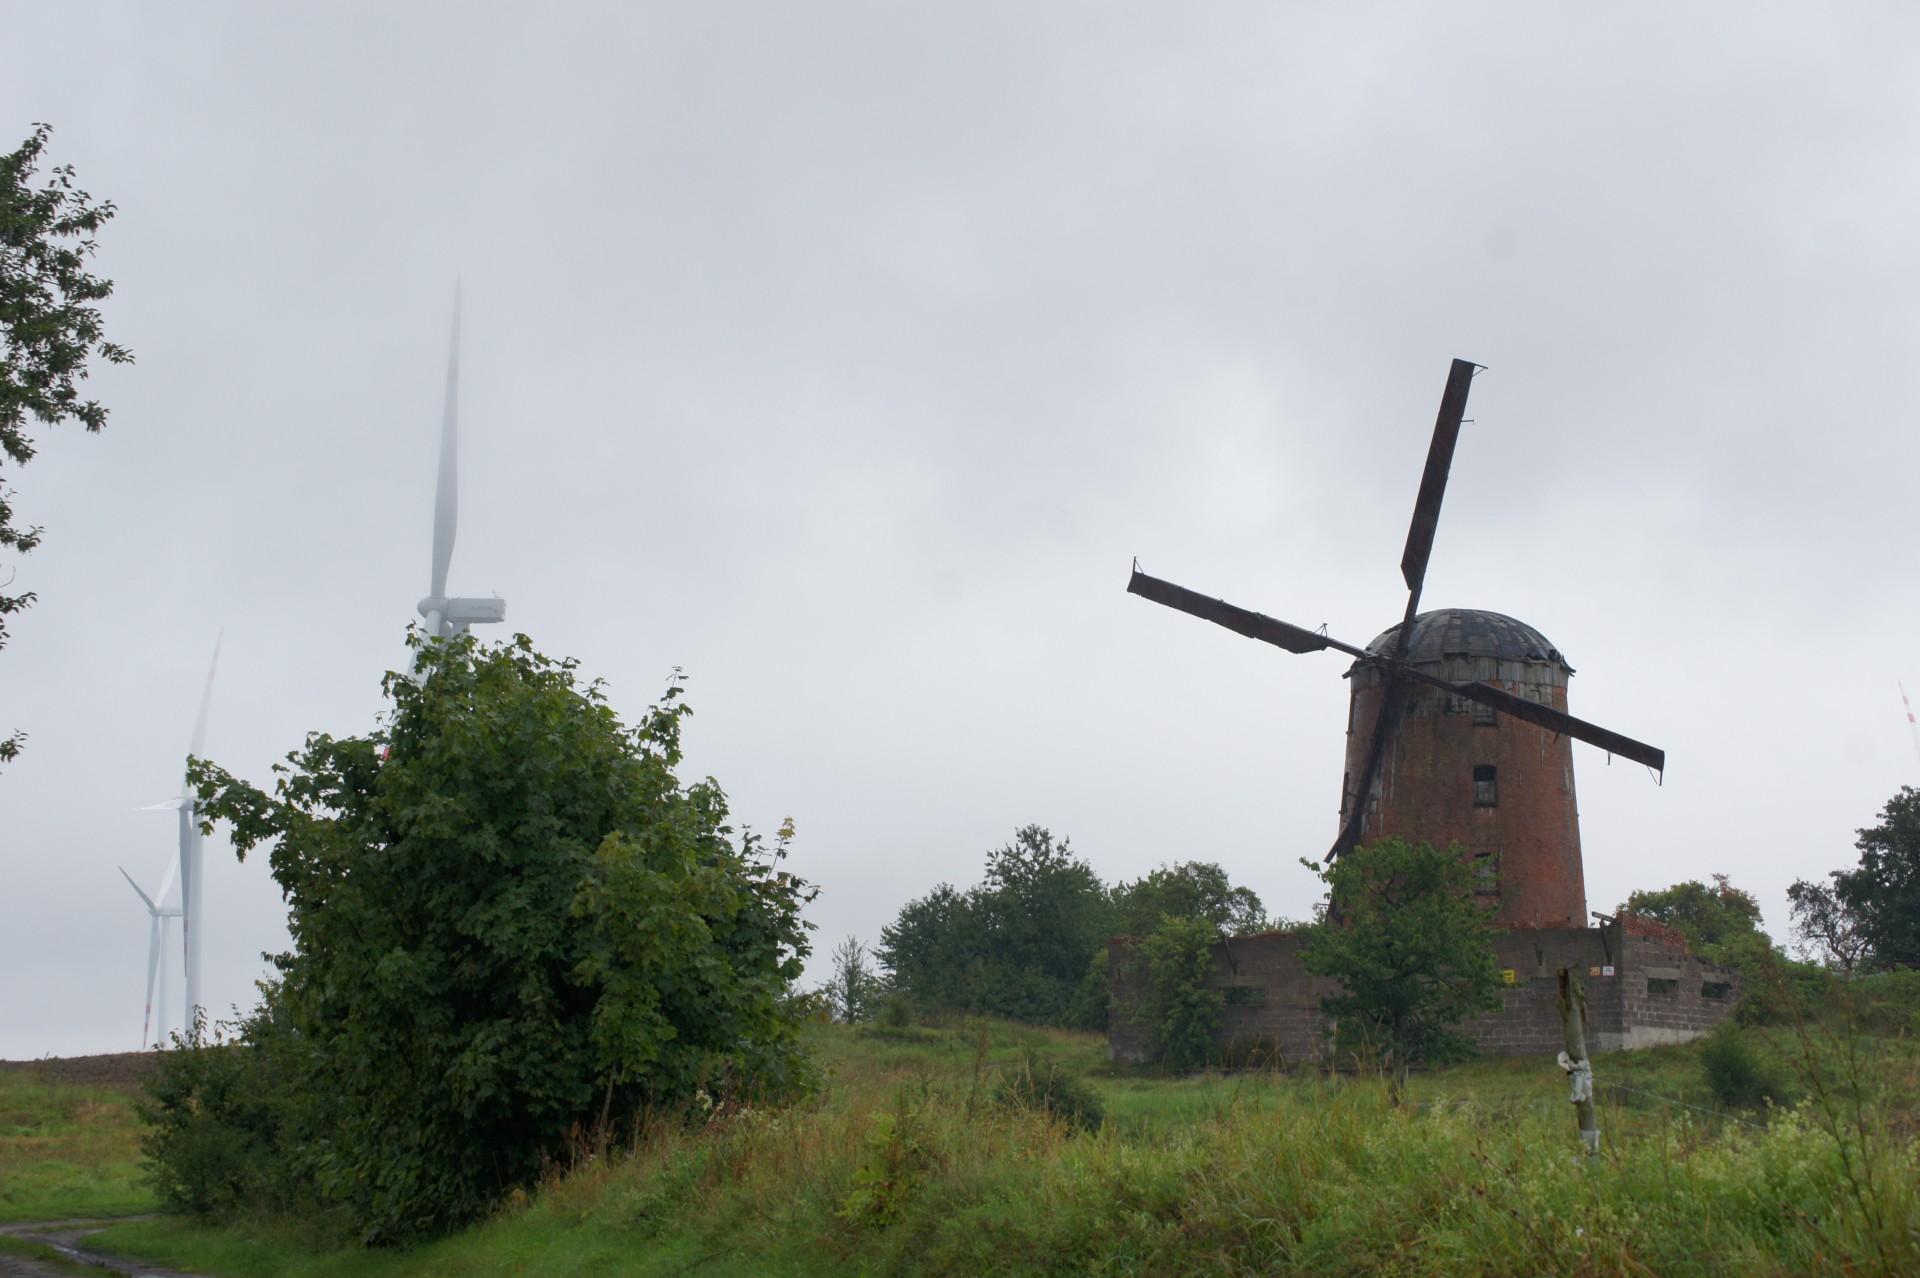 Zabytkowy wiatrak w towarzystwie wiatraków współczesnych. Fot. Patrycja Momot/Magazyn Kaszuby